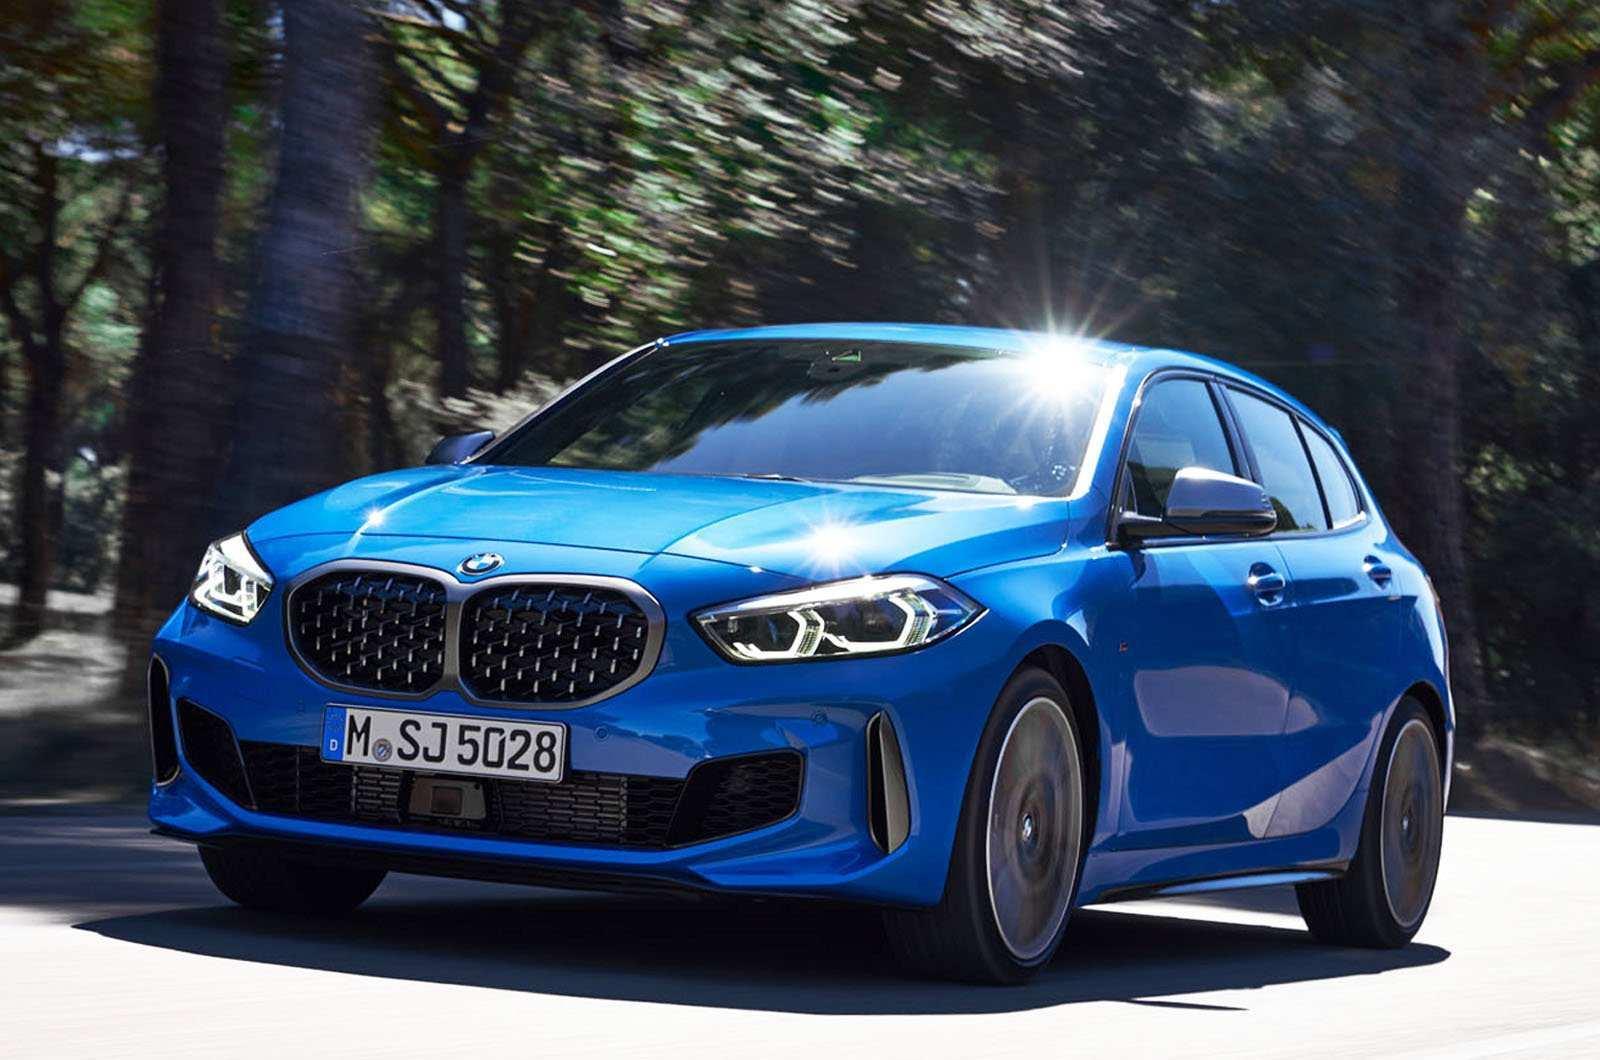 98 Gallery of BMW Hatchback 2020 Rumors for BMW Hatchback 2020